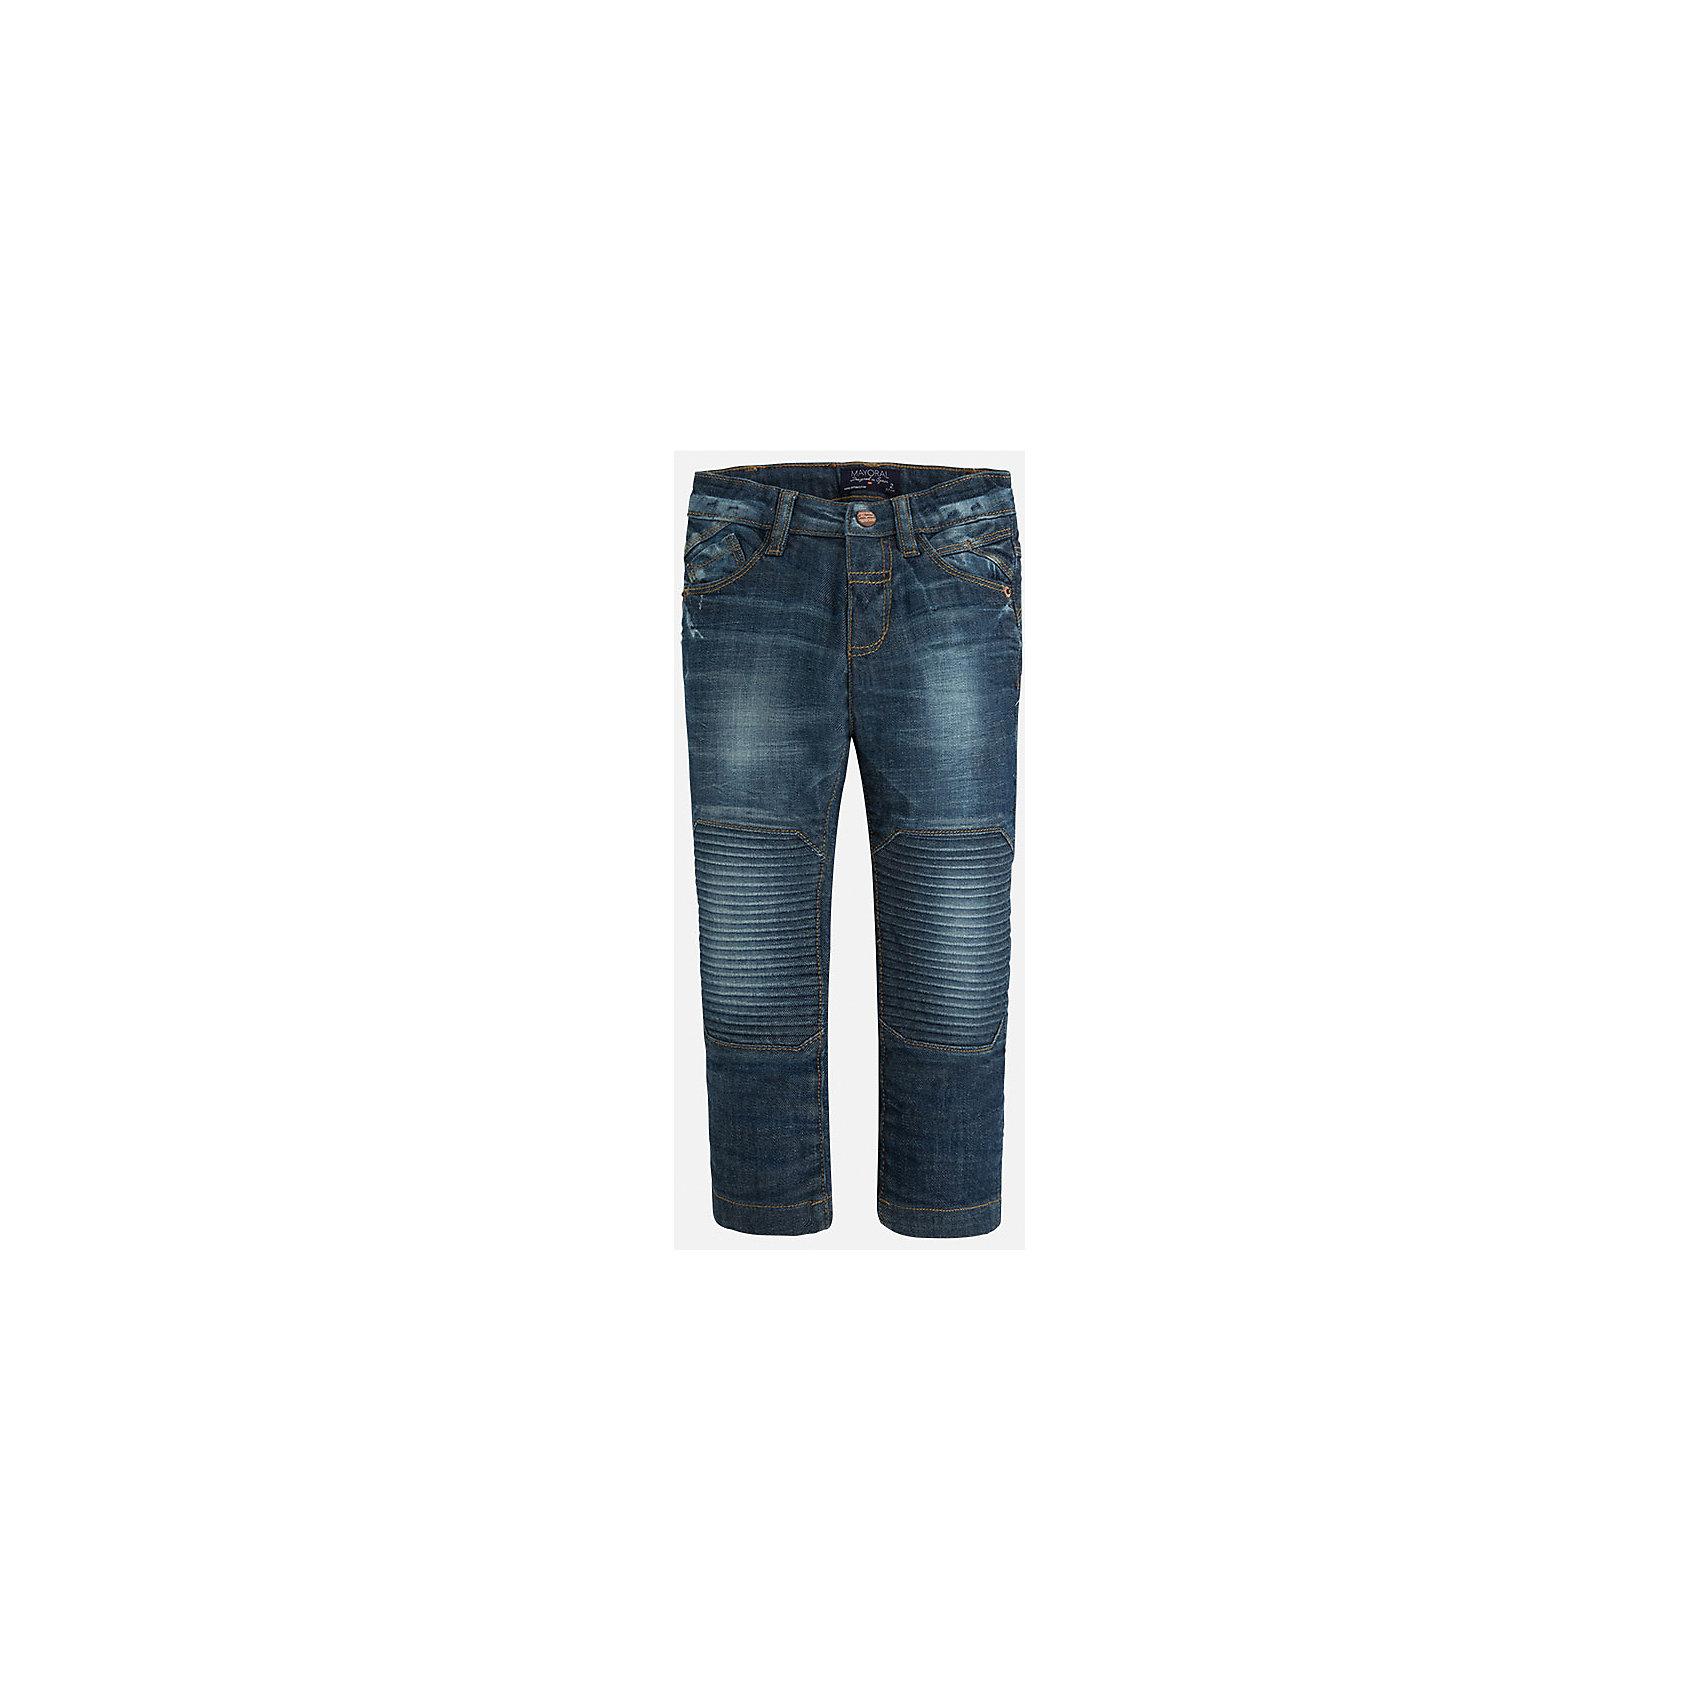 Джинсы для мальчика MayoralДжинсовая одежда<br>Стильные джинсы с специальной вставкой на коленях сразу понравятся Вашему ребенку!<br><br>Дополнительная информация:<br><br>- Крой: прямой крой, слегка заужены к низу.<br>- Страна бренда: Испания.<br>- Состав: хлопок 98%, эластан 2%.<br>- Цвет: синий.<br>- Уход: бережная стирка при 30 градусах.<br><br>Купить брюки для мальчика Mayoral можно в нашем магазине.<br><br>Ширина мм: 215<br>Глубина мм: 88<br>Высота мм: 191<br>Вес г: 336<br>Цвет: синий<br>Возраст от месяцев: 60<br>Возраст до месяцев: 72<br>Пол: Мужской<br>Возраст: Детский<br>Размер: 116,122,128,134,98,104,110<br>SKU: 4826456